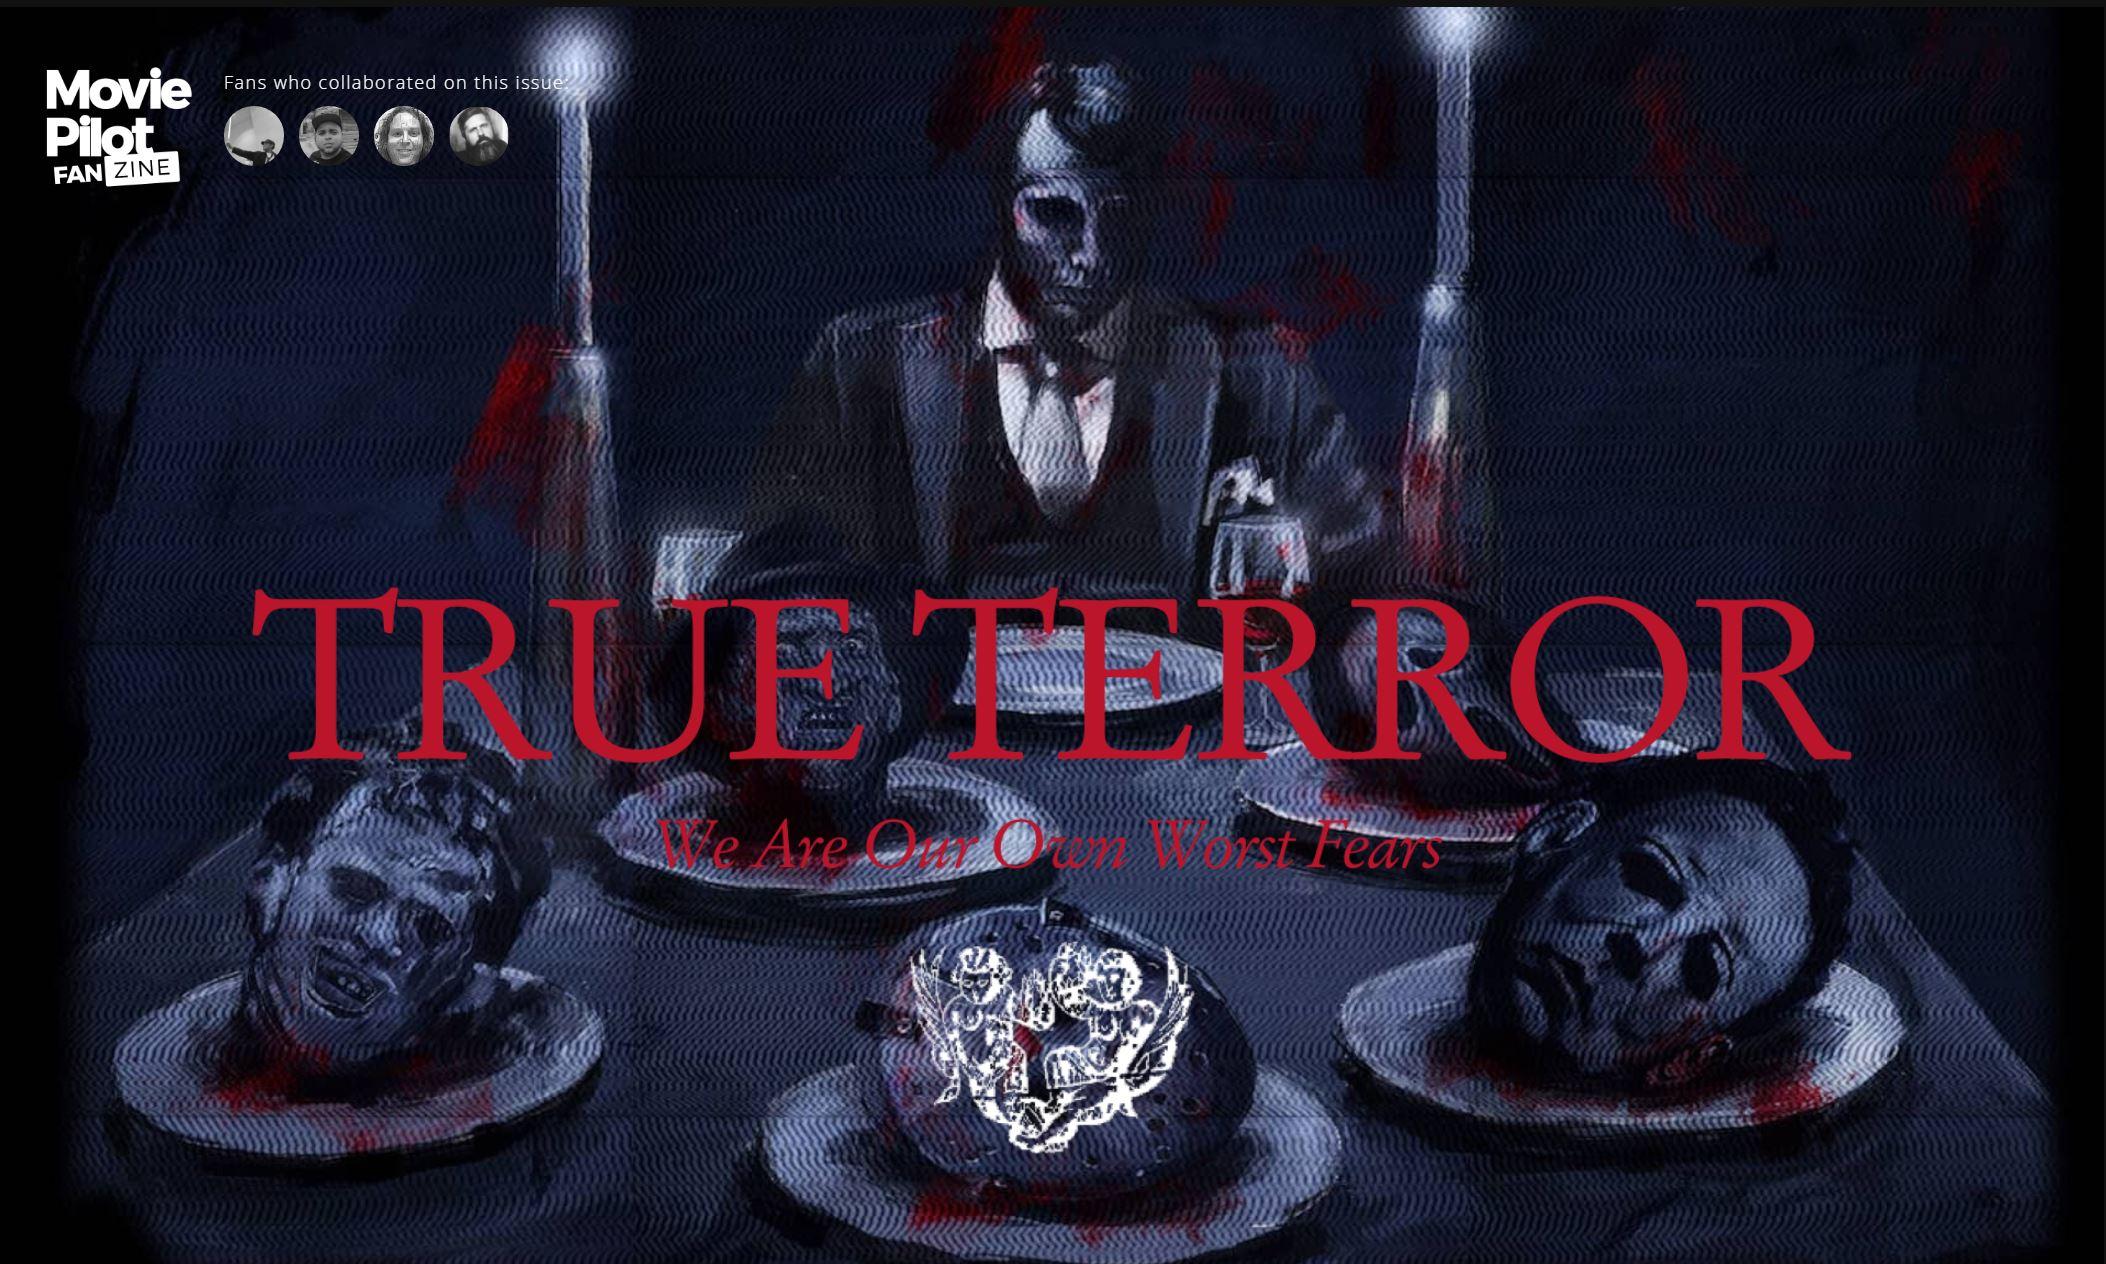 MP_TrueTerror.JPG